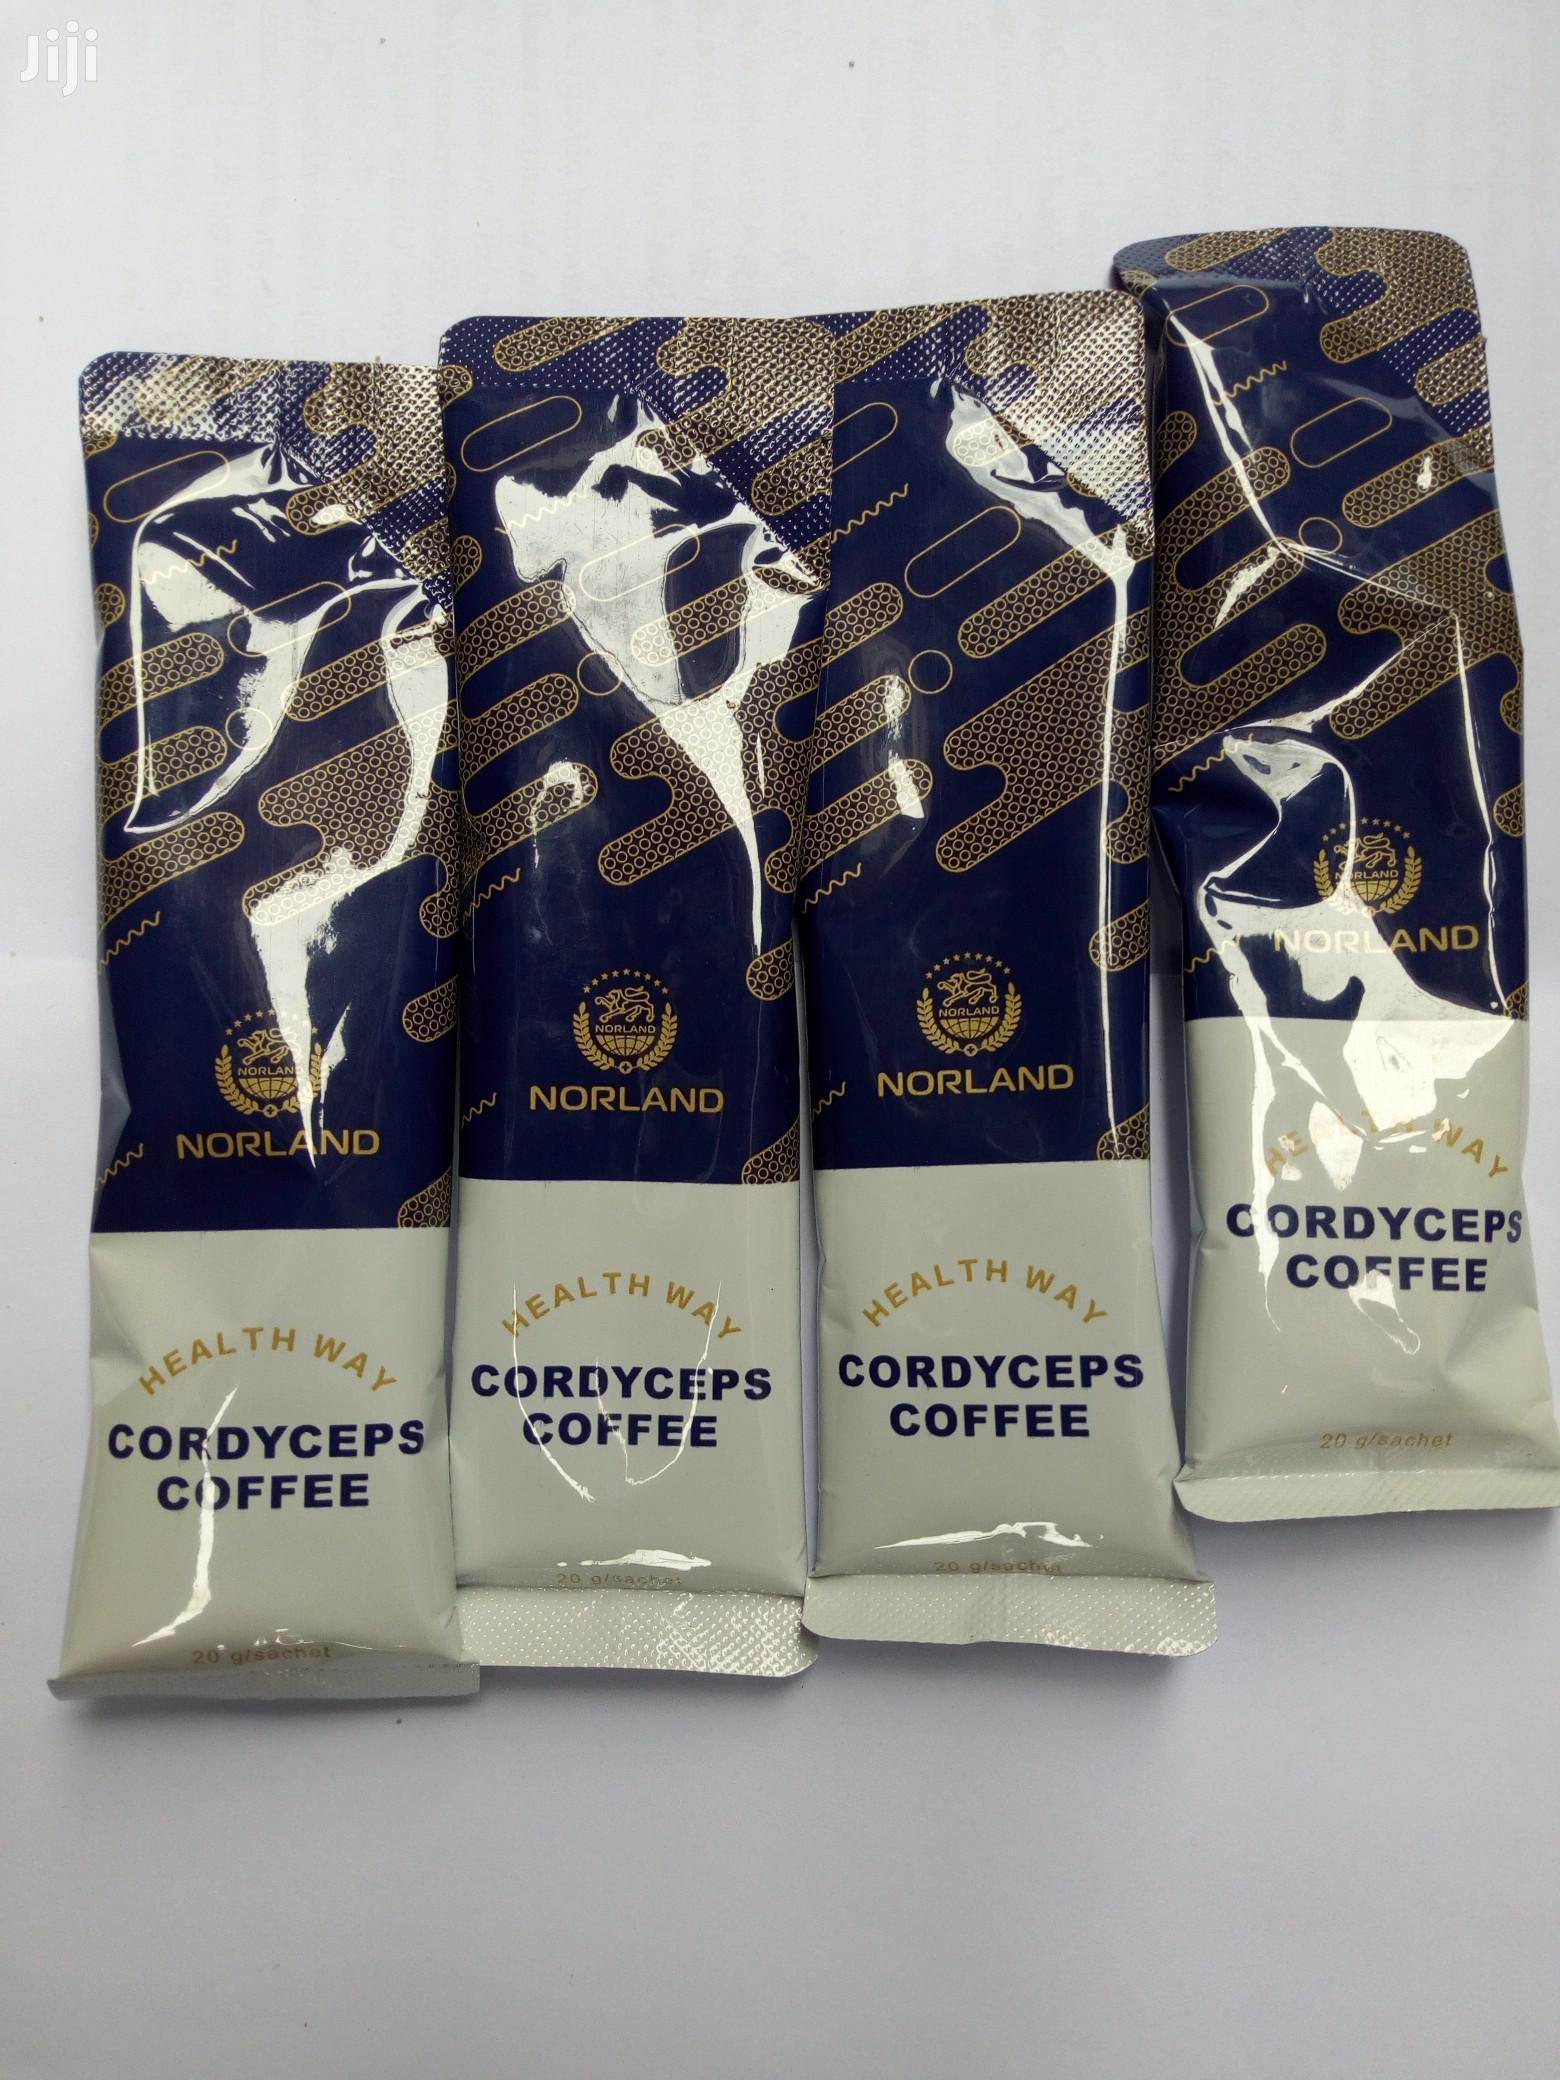 Cordycep Coffee For Erectile Dysfunction, Energy, Heart Health